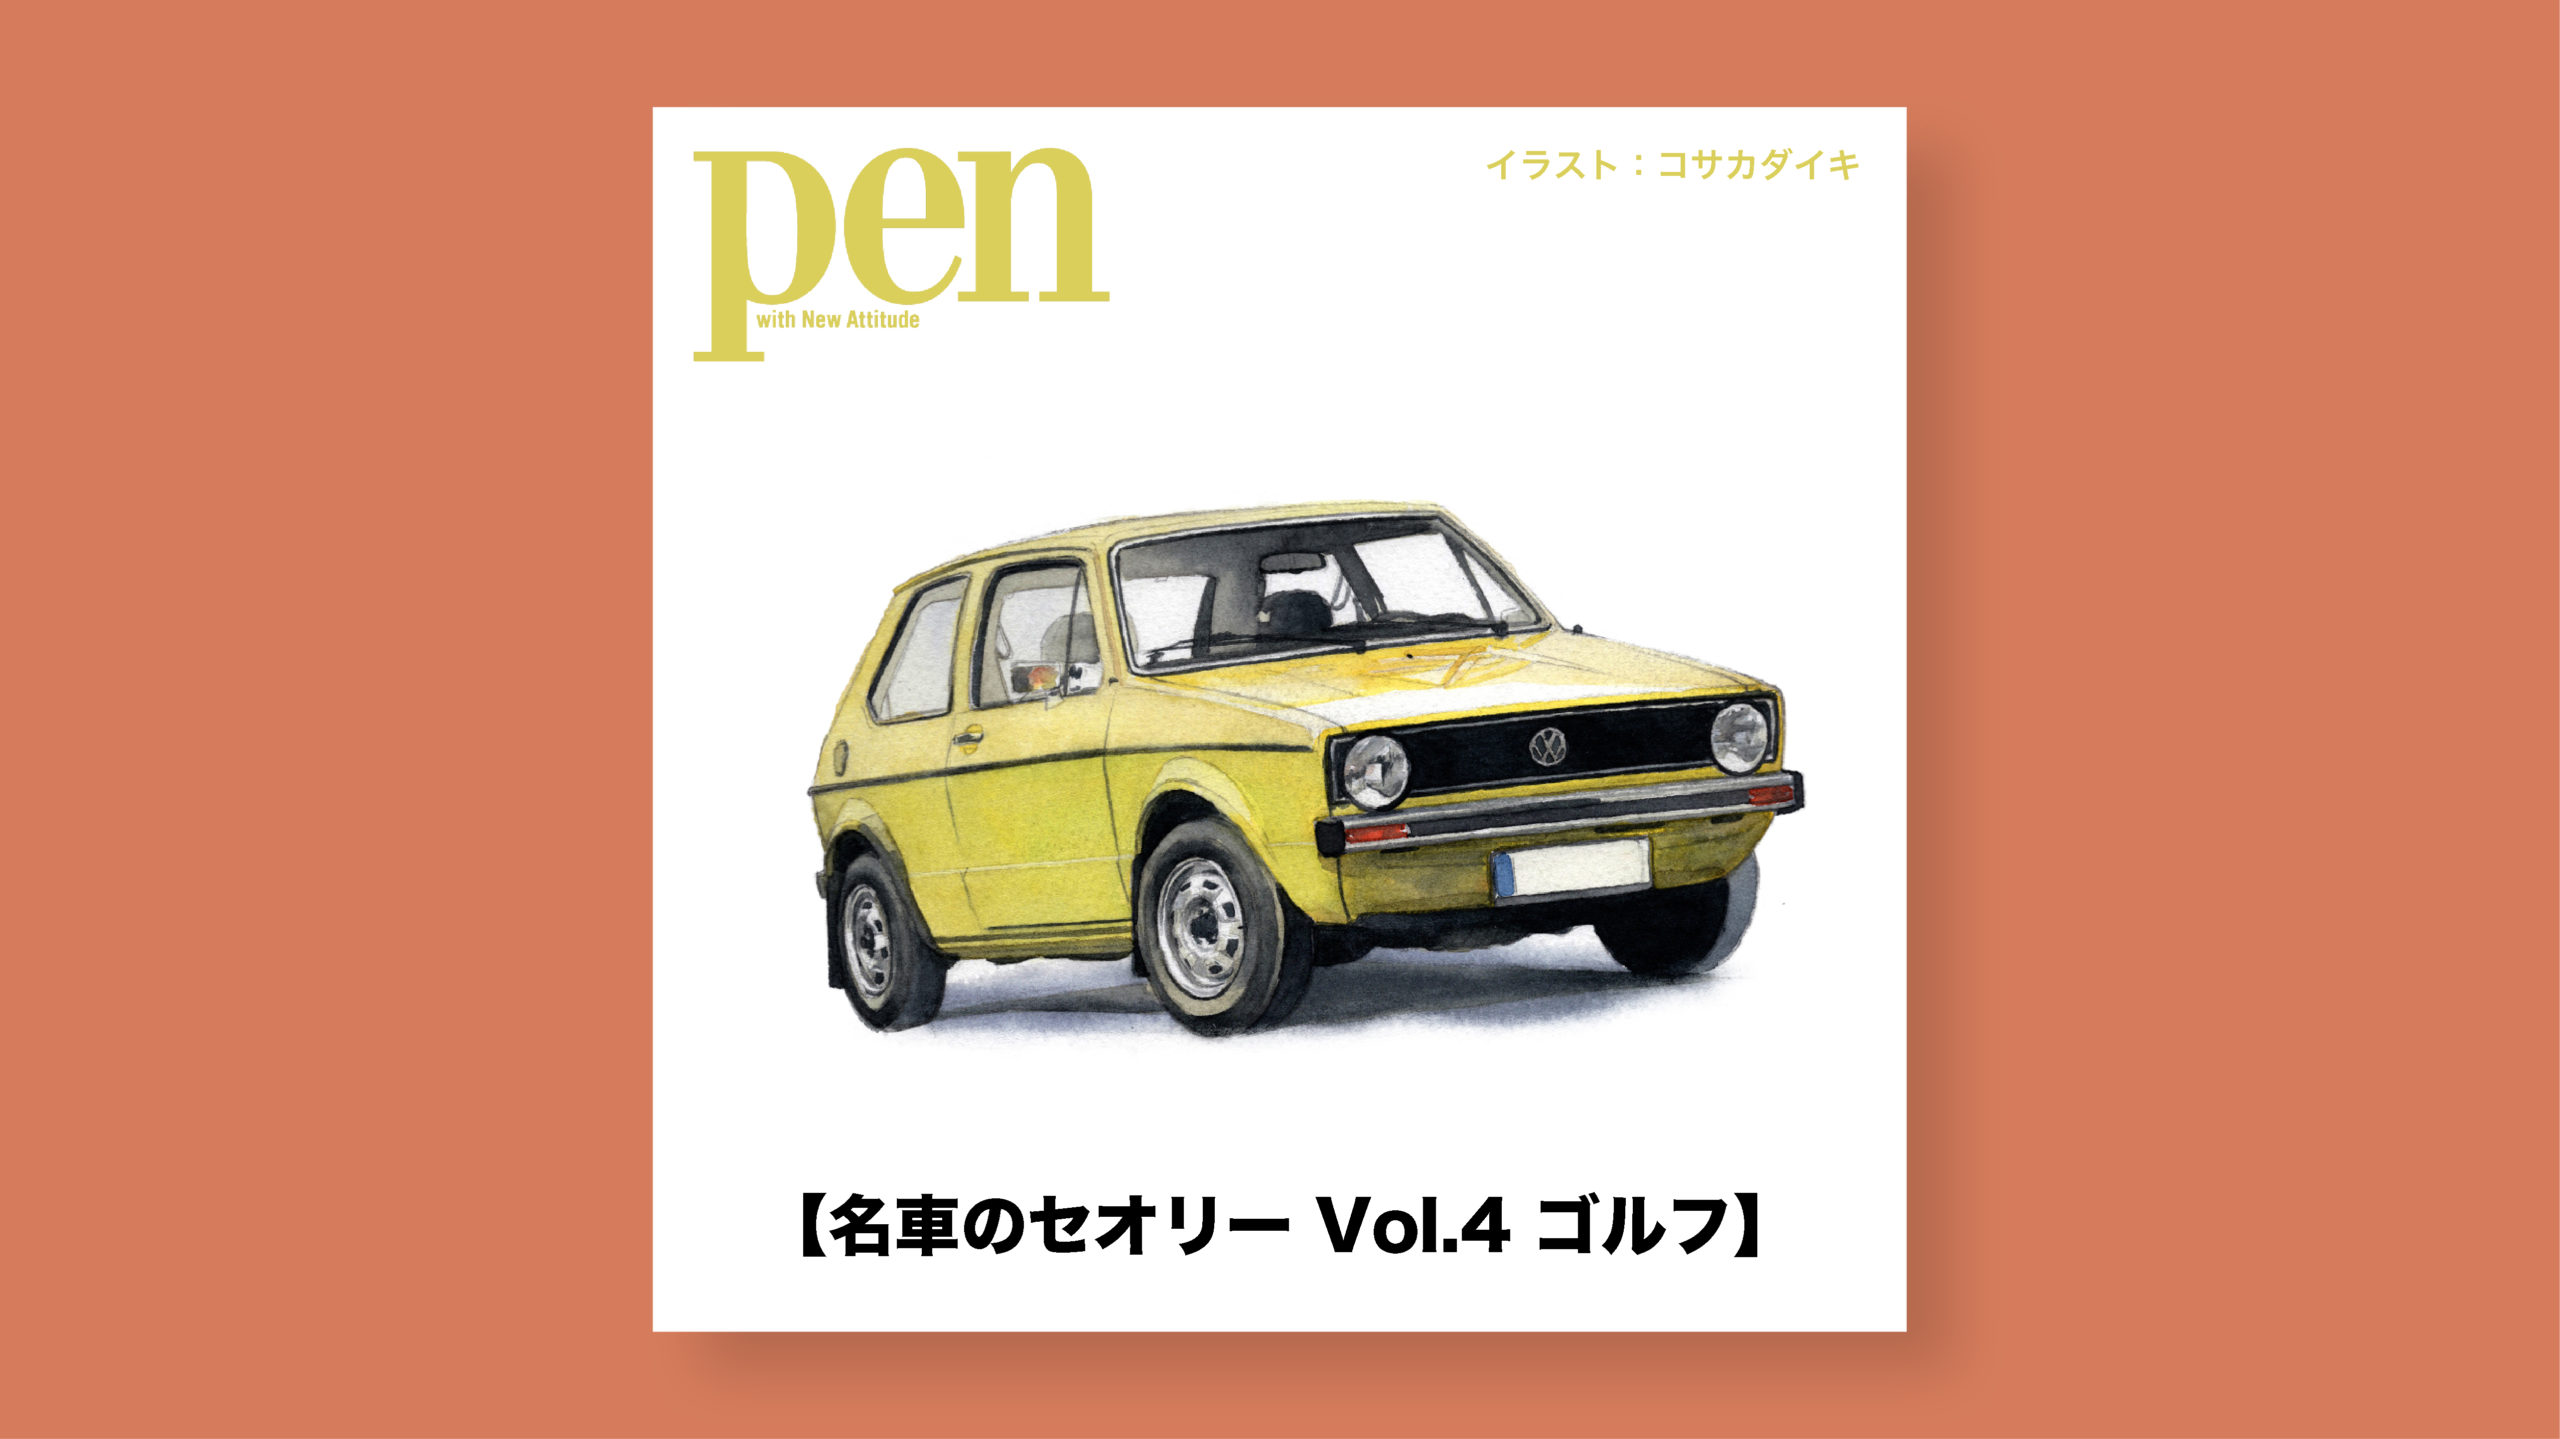 雑誌 Pen オンライン コンパクトカーの世界標準となった、ドイツ発のFFハッチバック【名車のセオリー Vol.4 フォルクスワーゲン ゴルフ】車イラスト